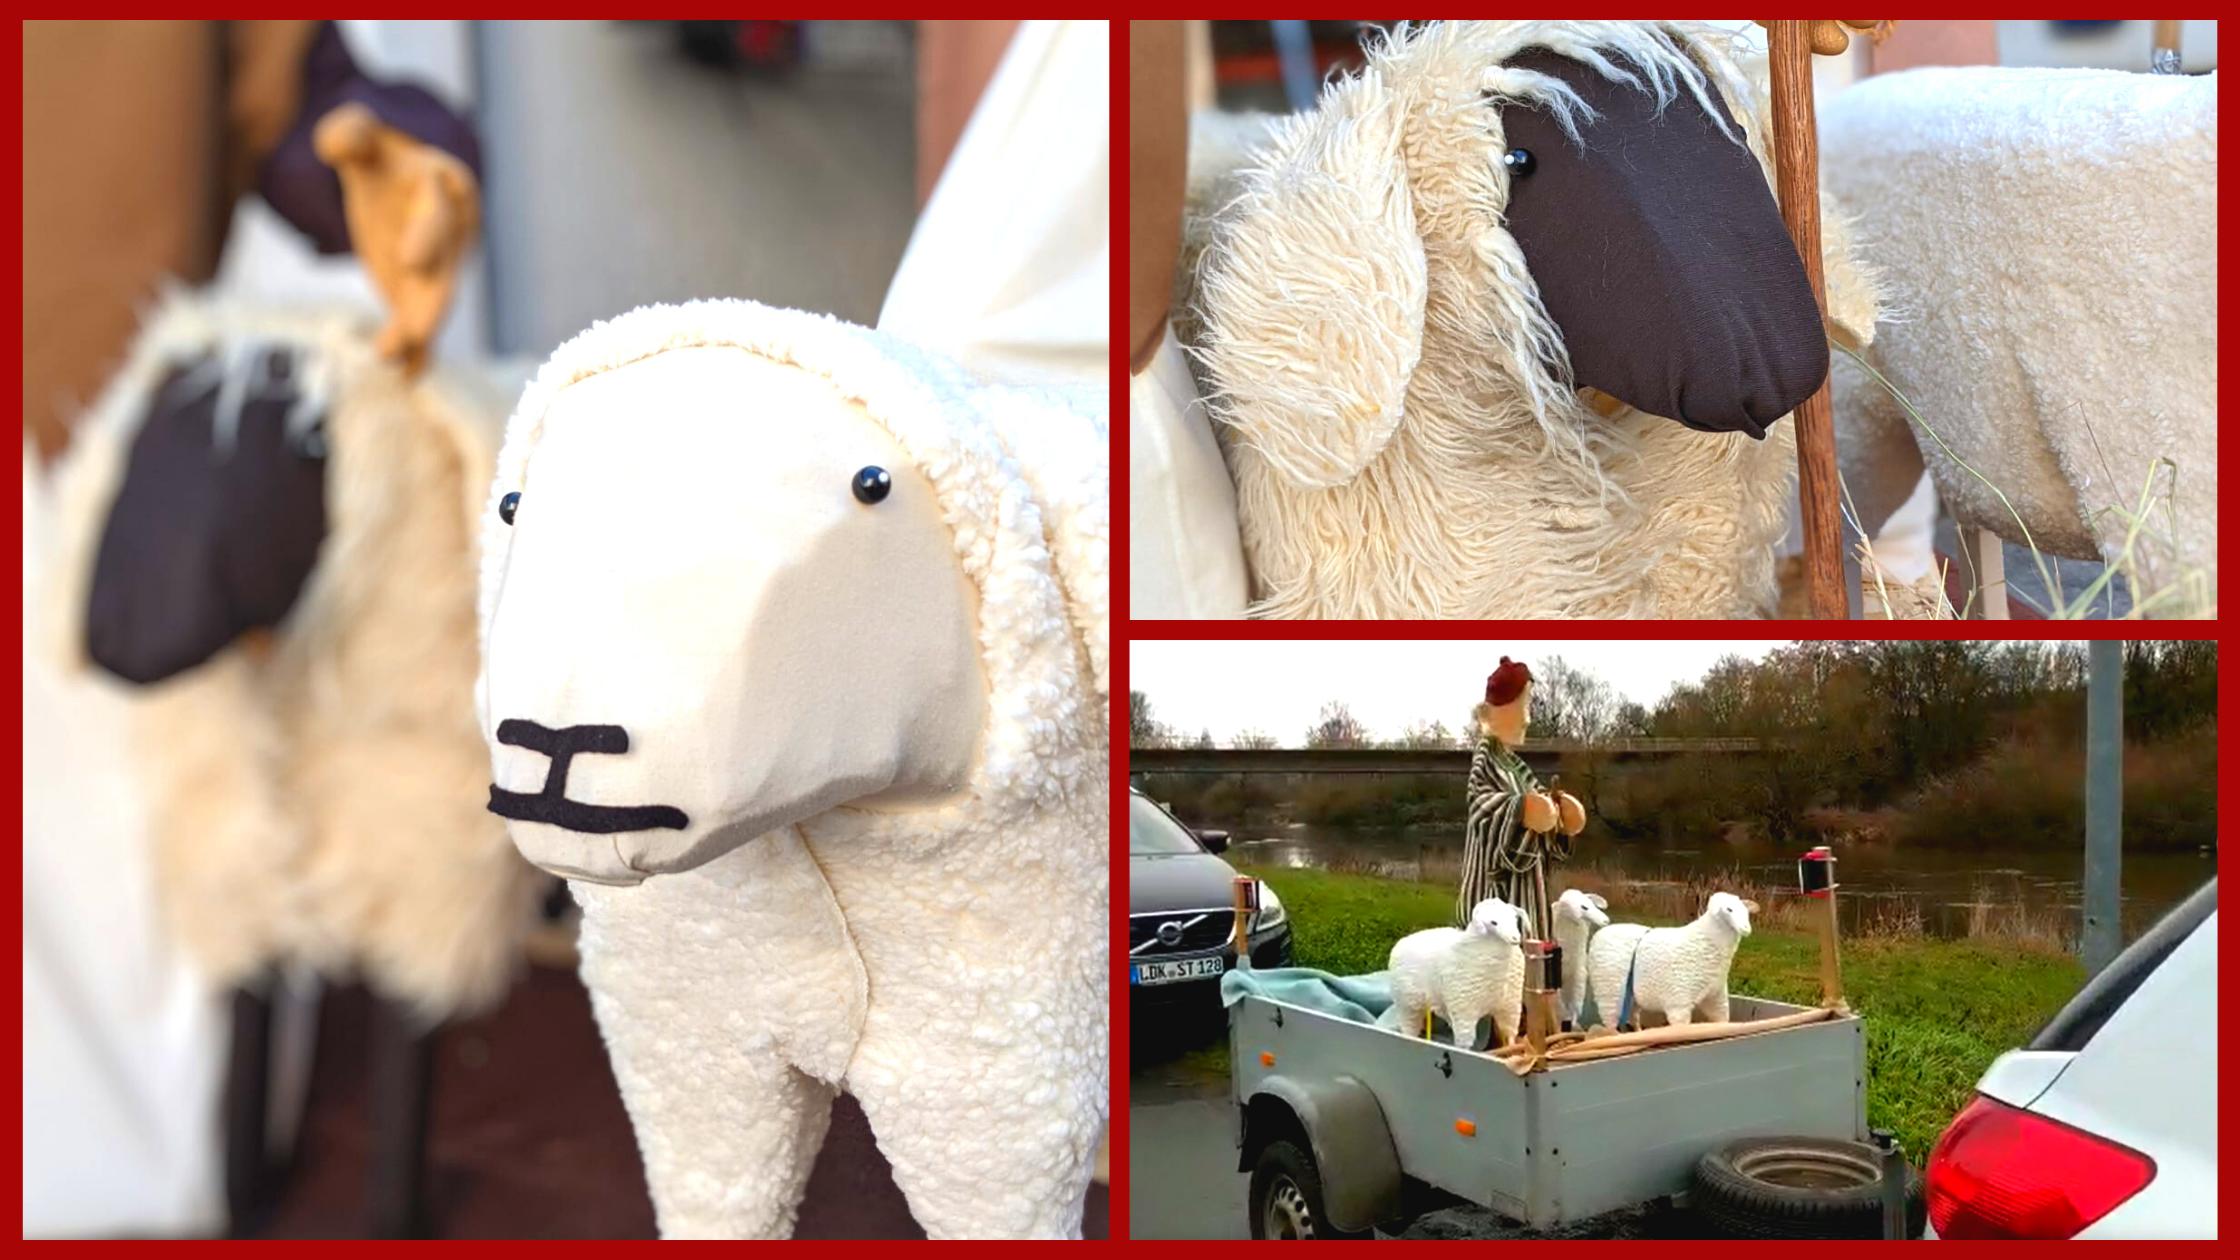 Schafe auf Anhänger für rollende Weihnacht 2020 in Lahnau